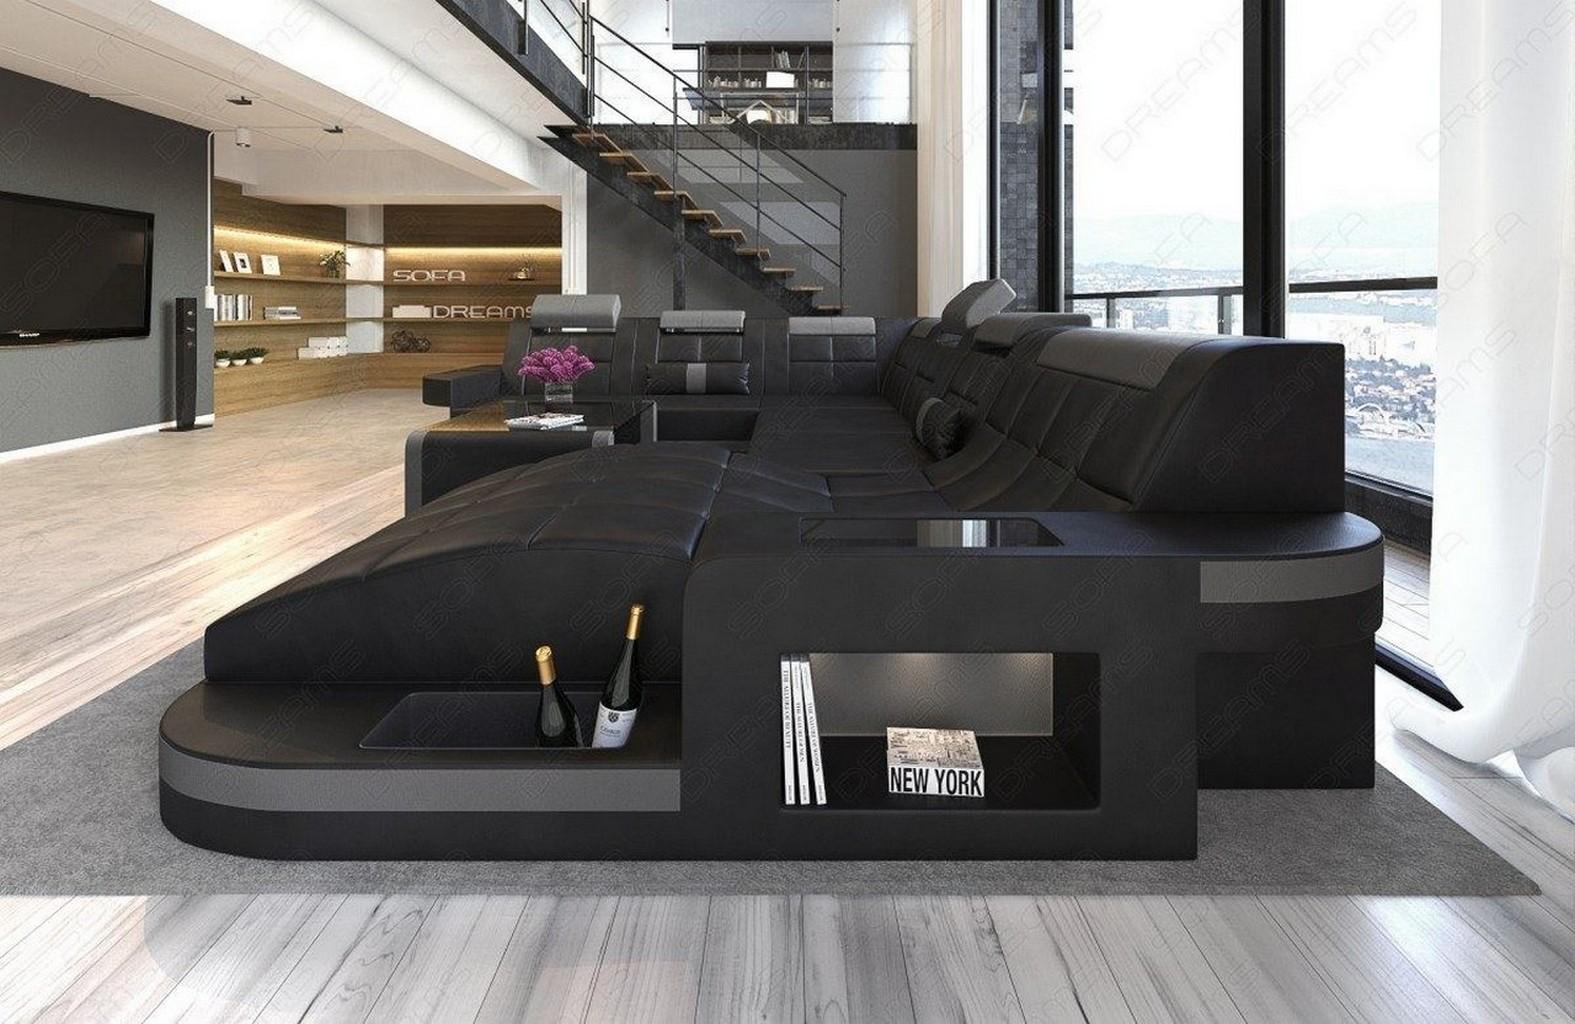 xxl sectional sofa wave modern corner sofa led lights designer couch ottoman ebay. Black Bedroom Furniture Sets. Home Design Ideas